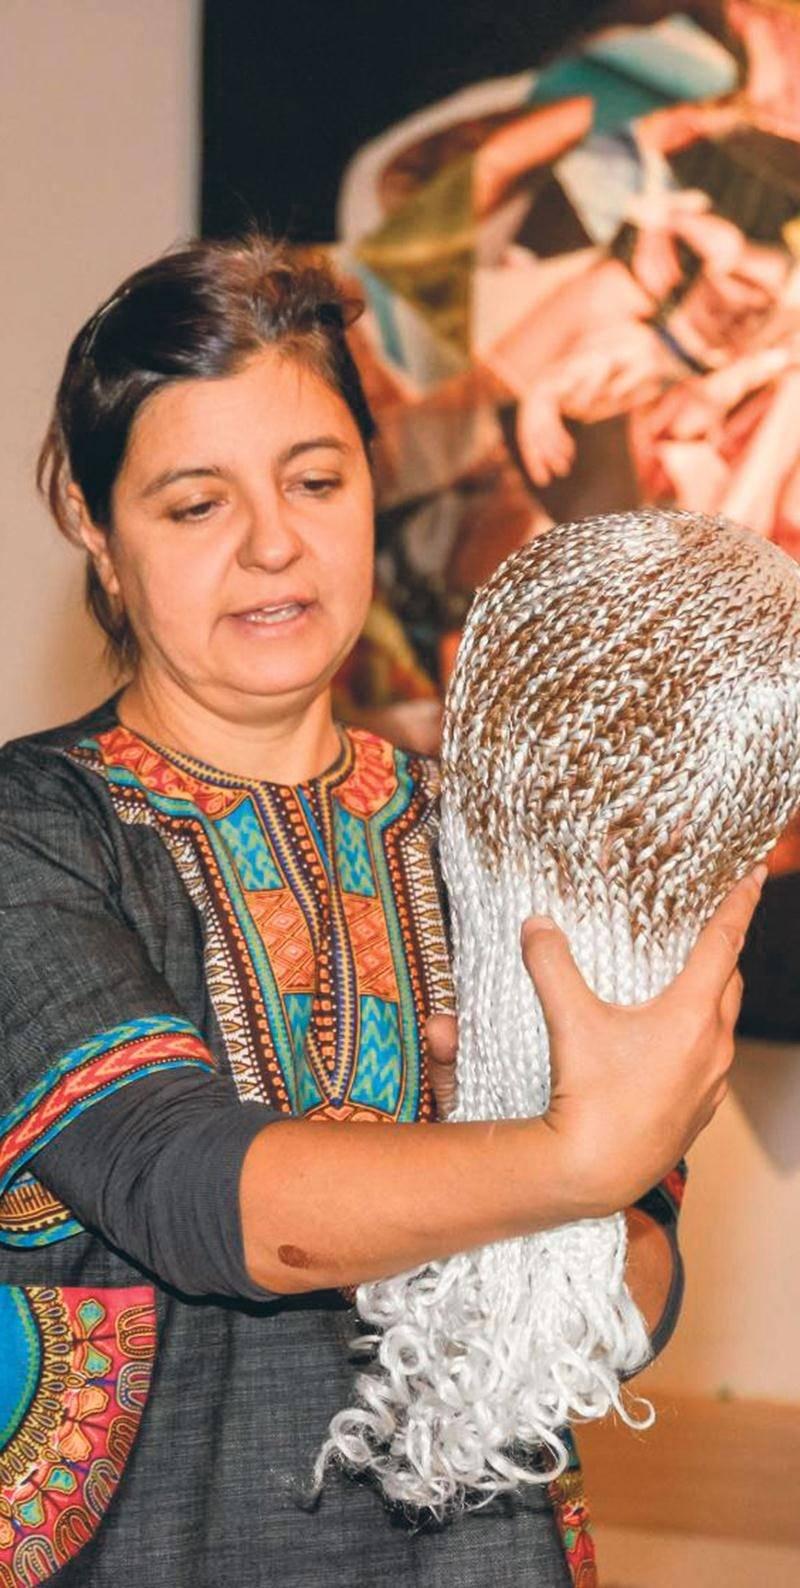 L'artiste Giorgia Volpe tenant l'une des « têtes d'Aissatou », une œuvre consistant en des têtes de coiffure en plastique recouvertes de tresses de cheveux synthétiques. Photo François Larivière | Le Courrier ©